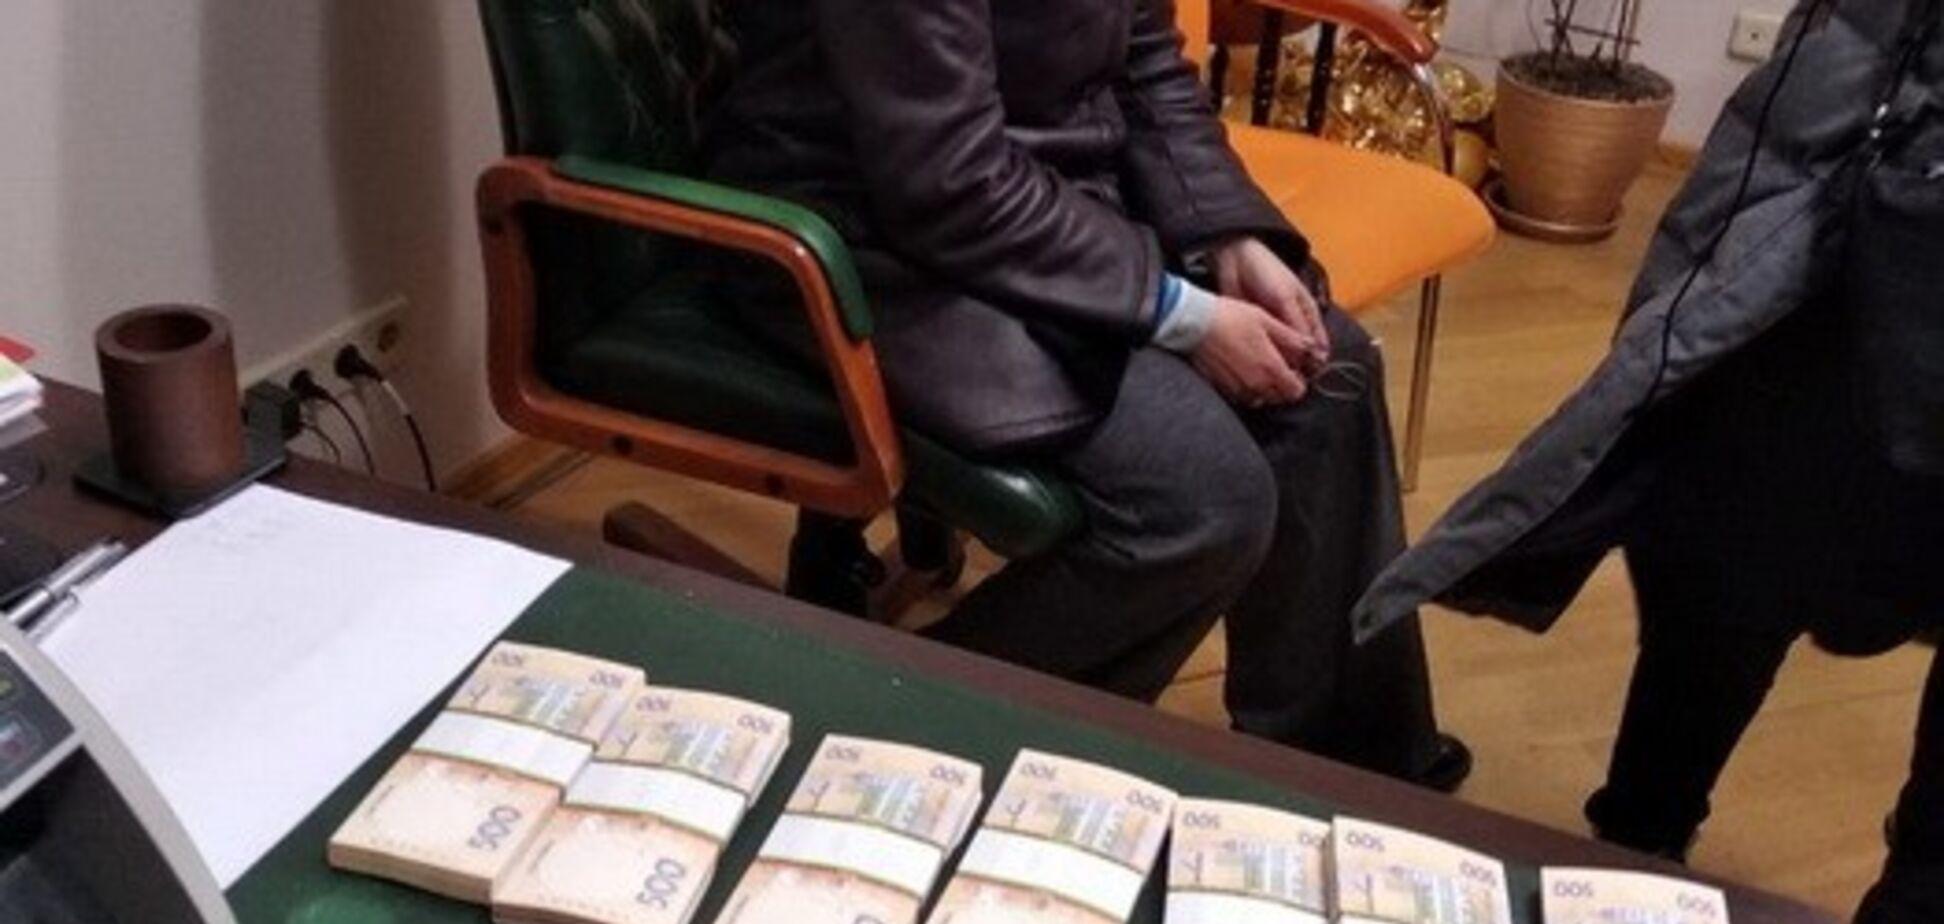 СБУ викрила вимагання грошей у власників банку у Києві